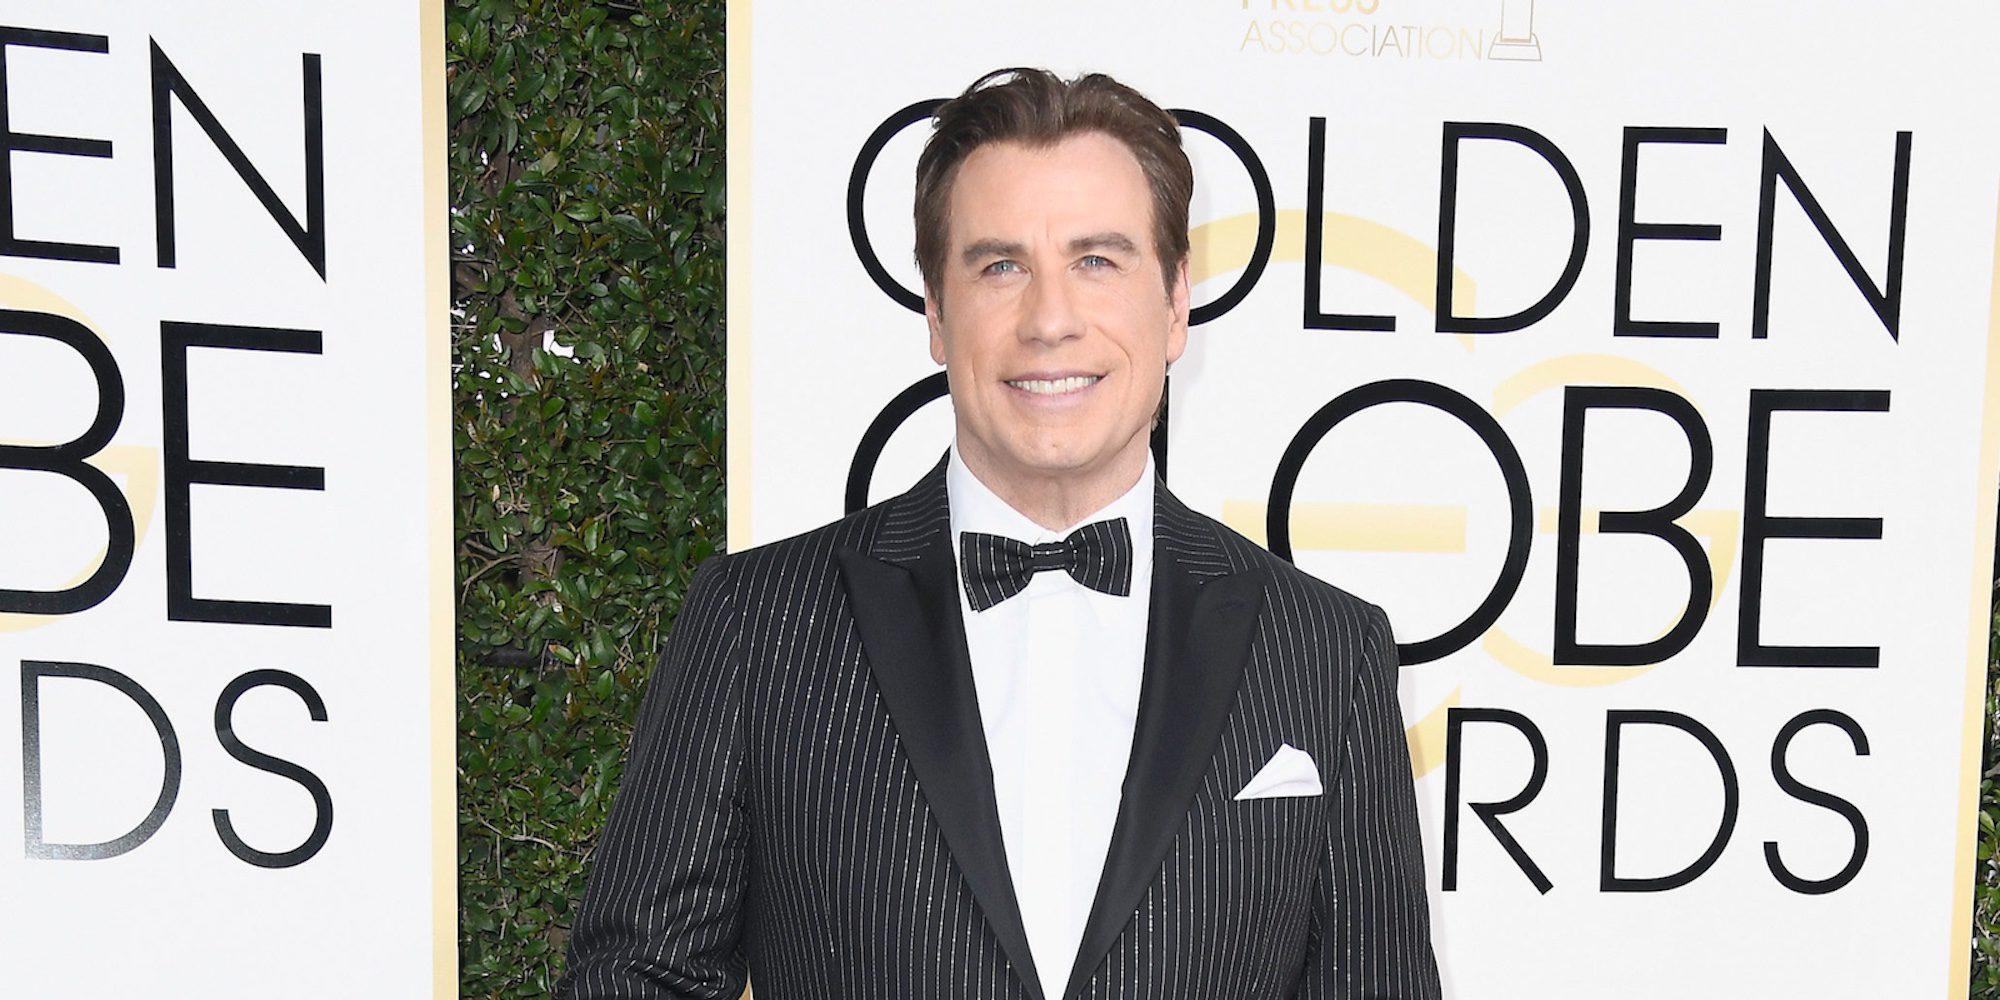 Un masajista denunció a John Travolta por acoso sexual hace 17 años